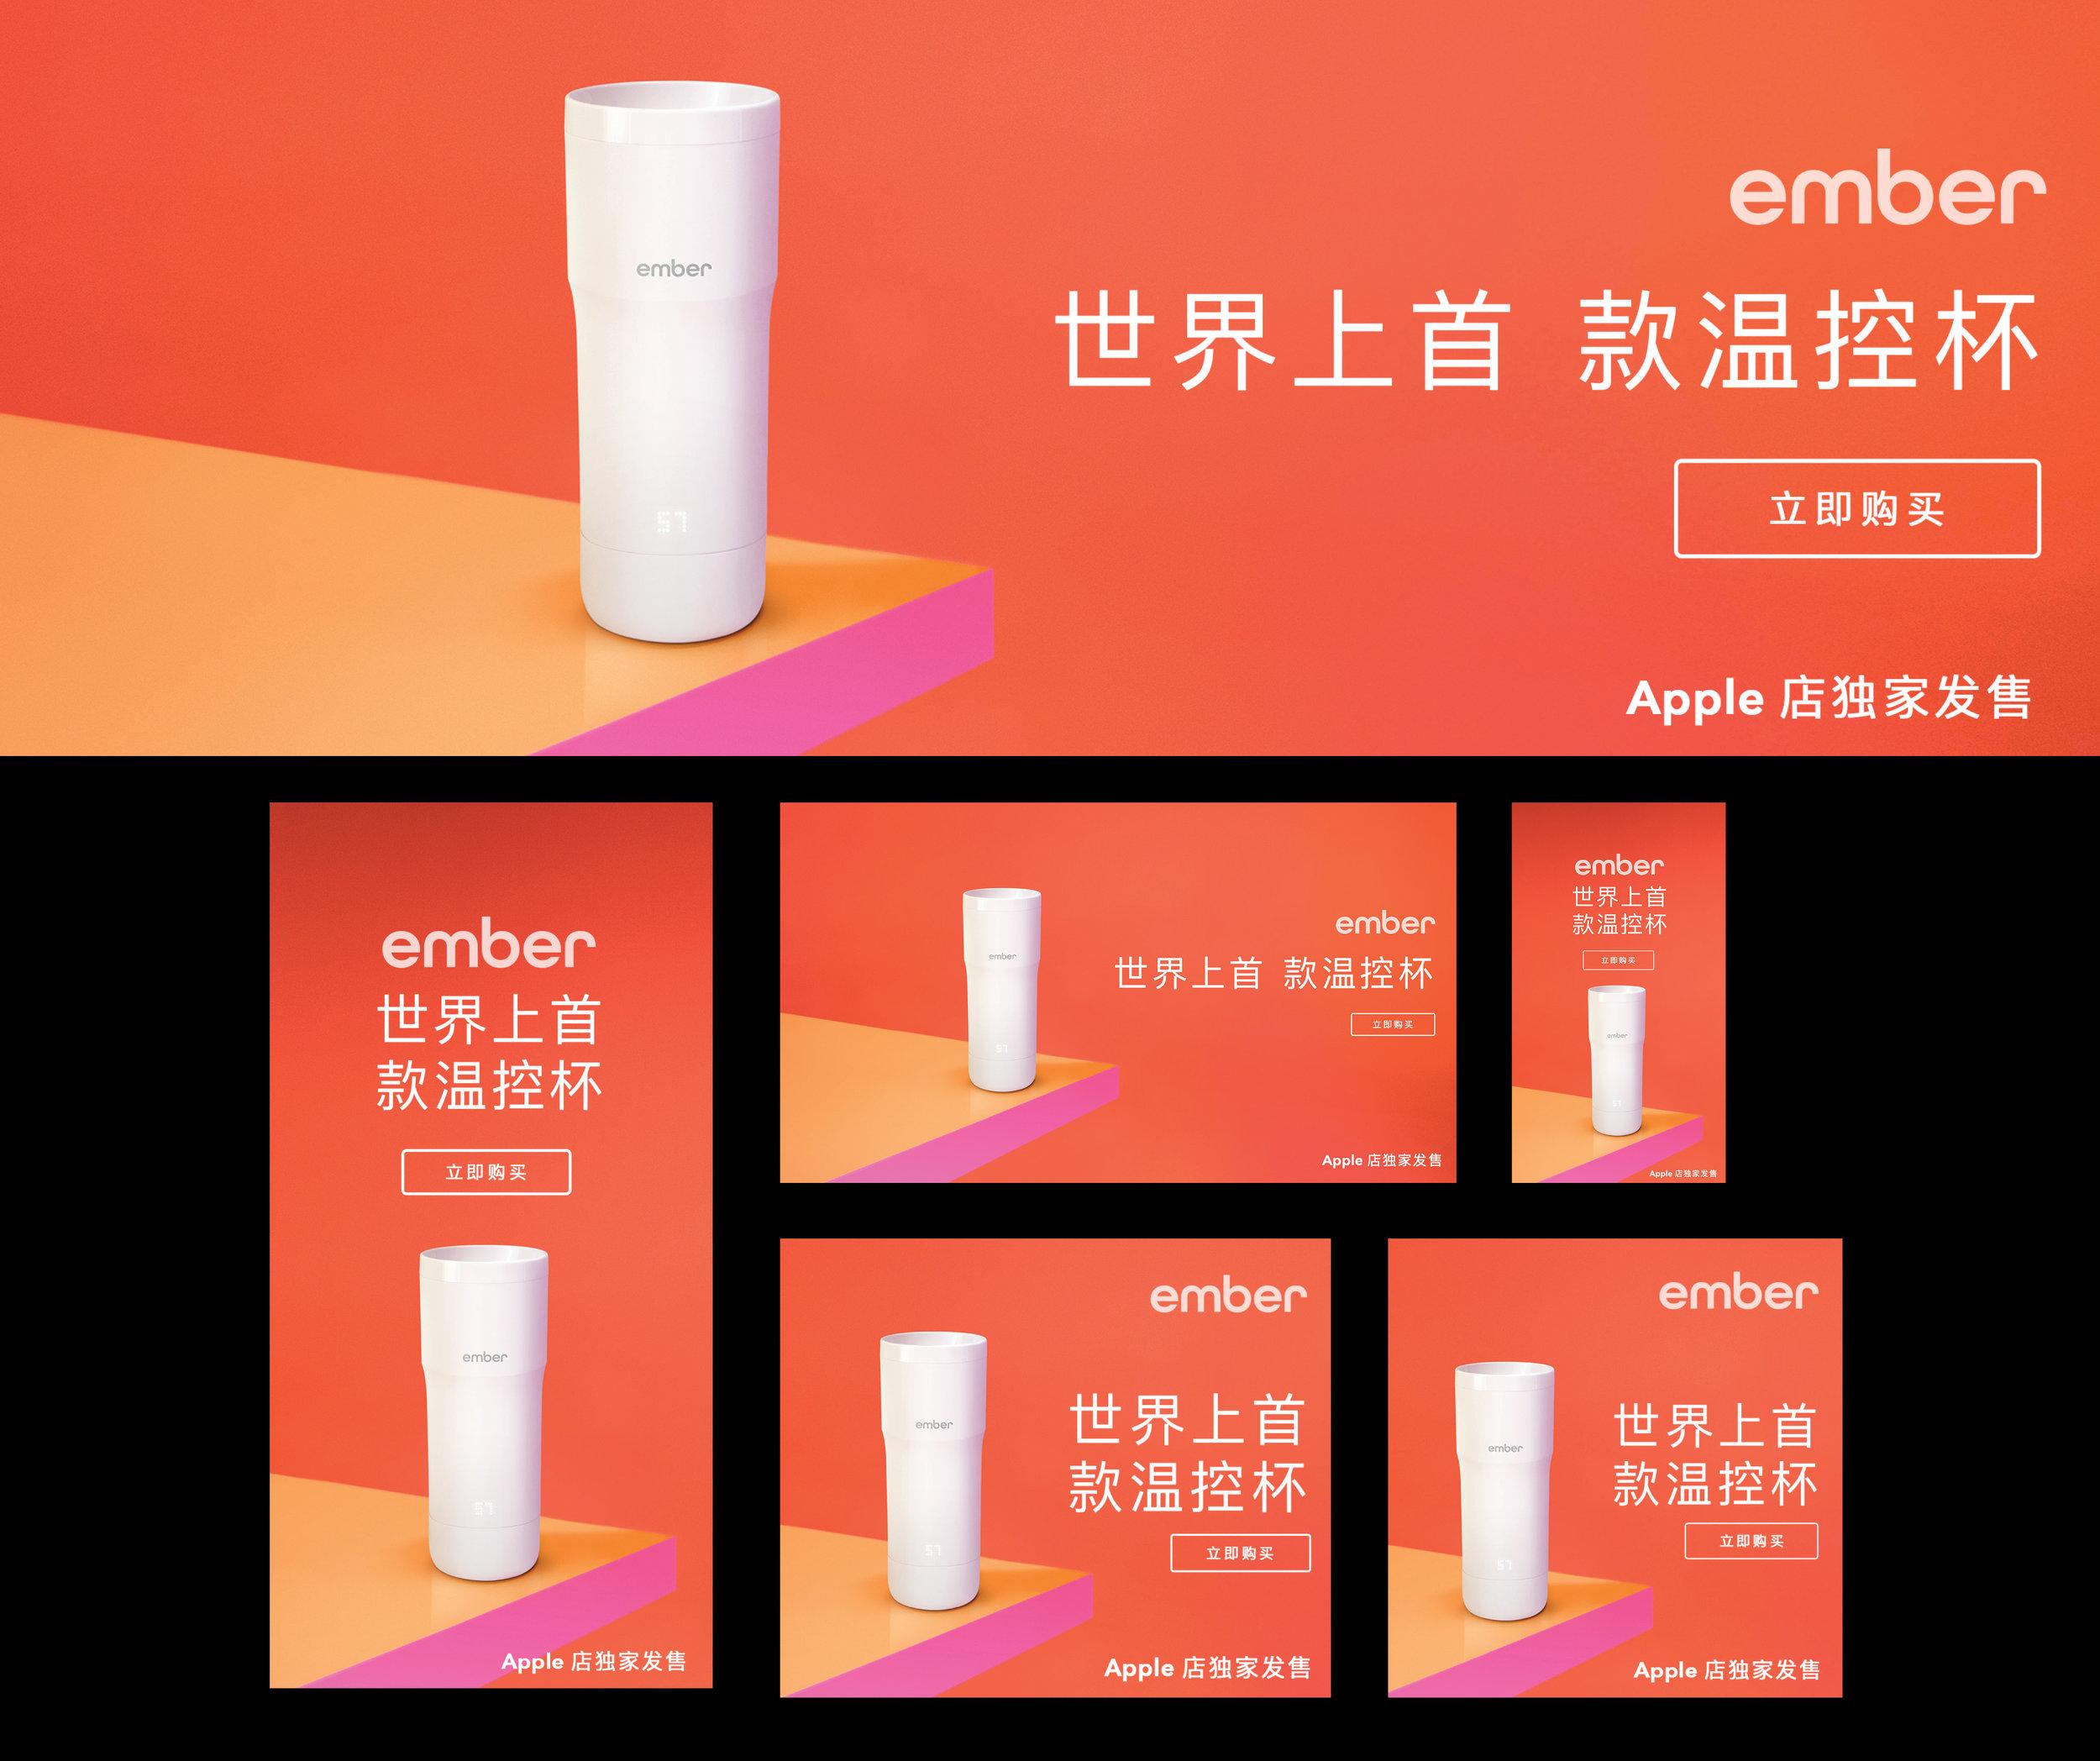 Ember_Desktop_Stills2.jpg